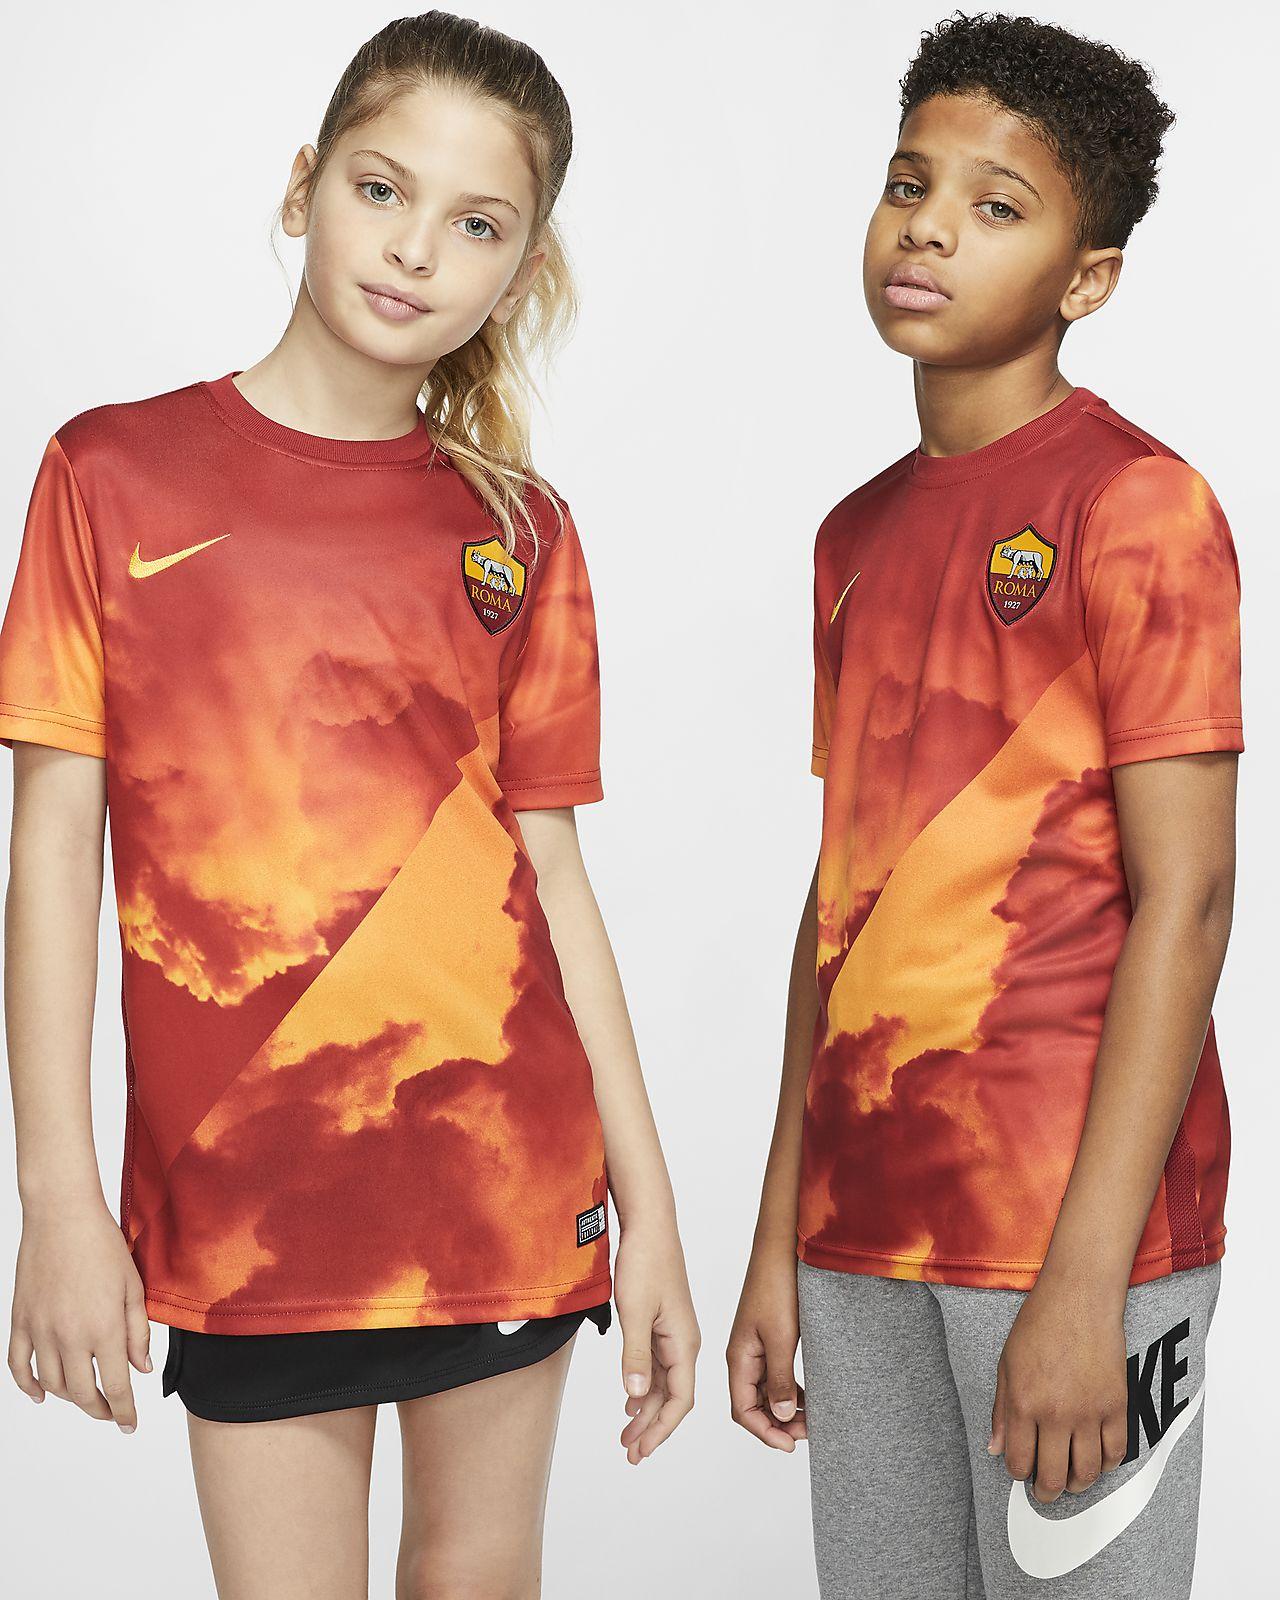 A.S. Roma rövid ujjú futballfelső gyerekeknek